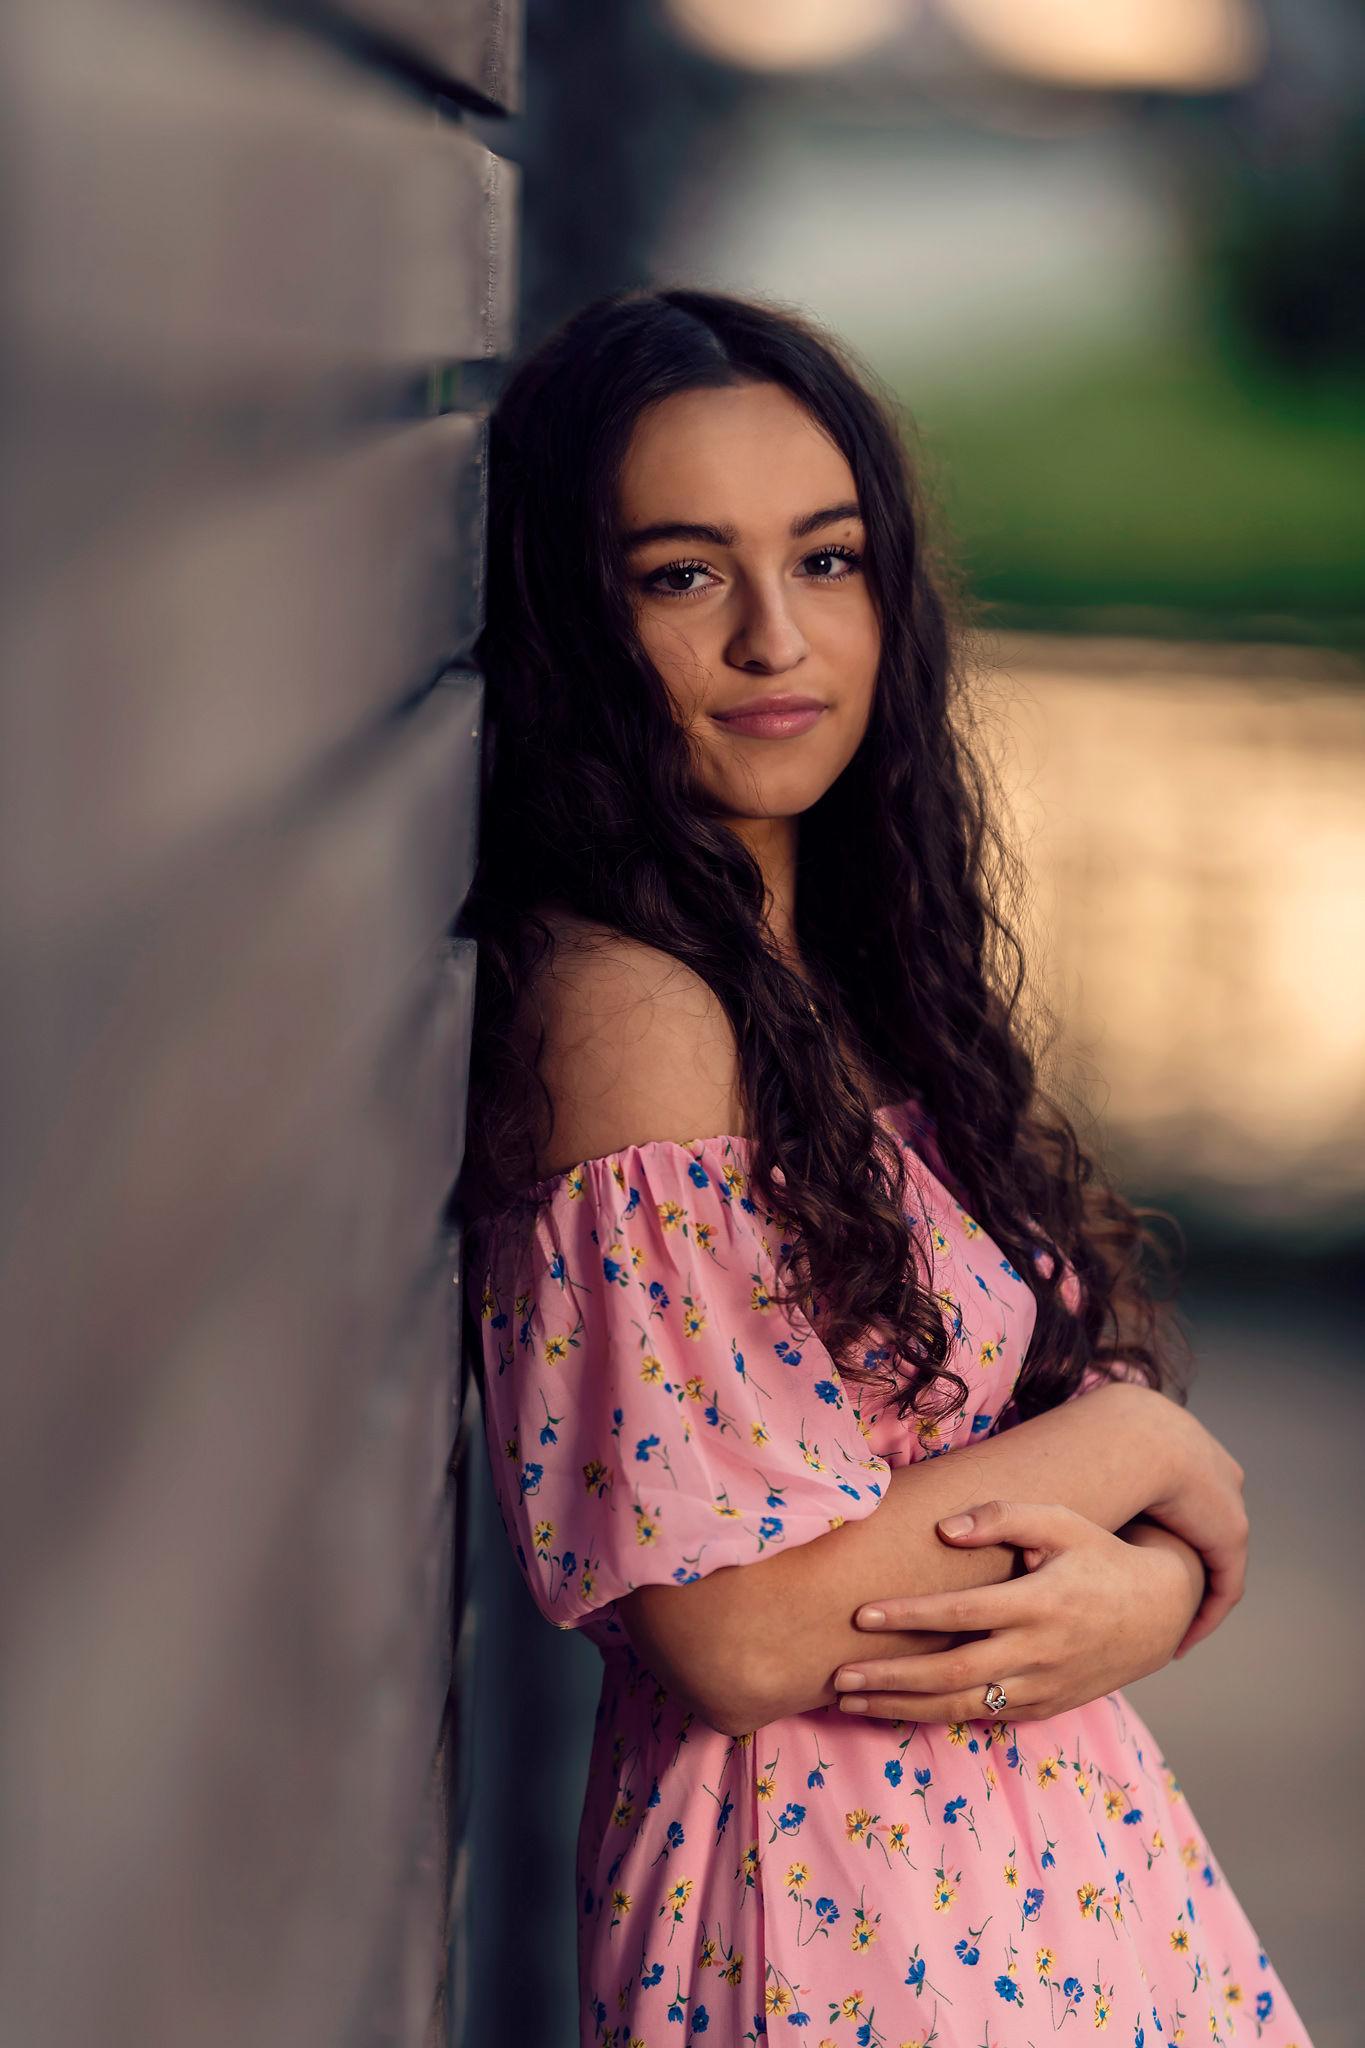 DANIELA FREY